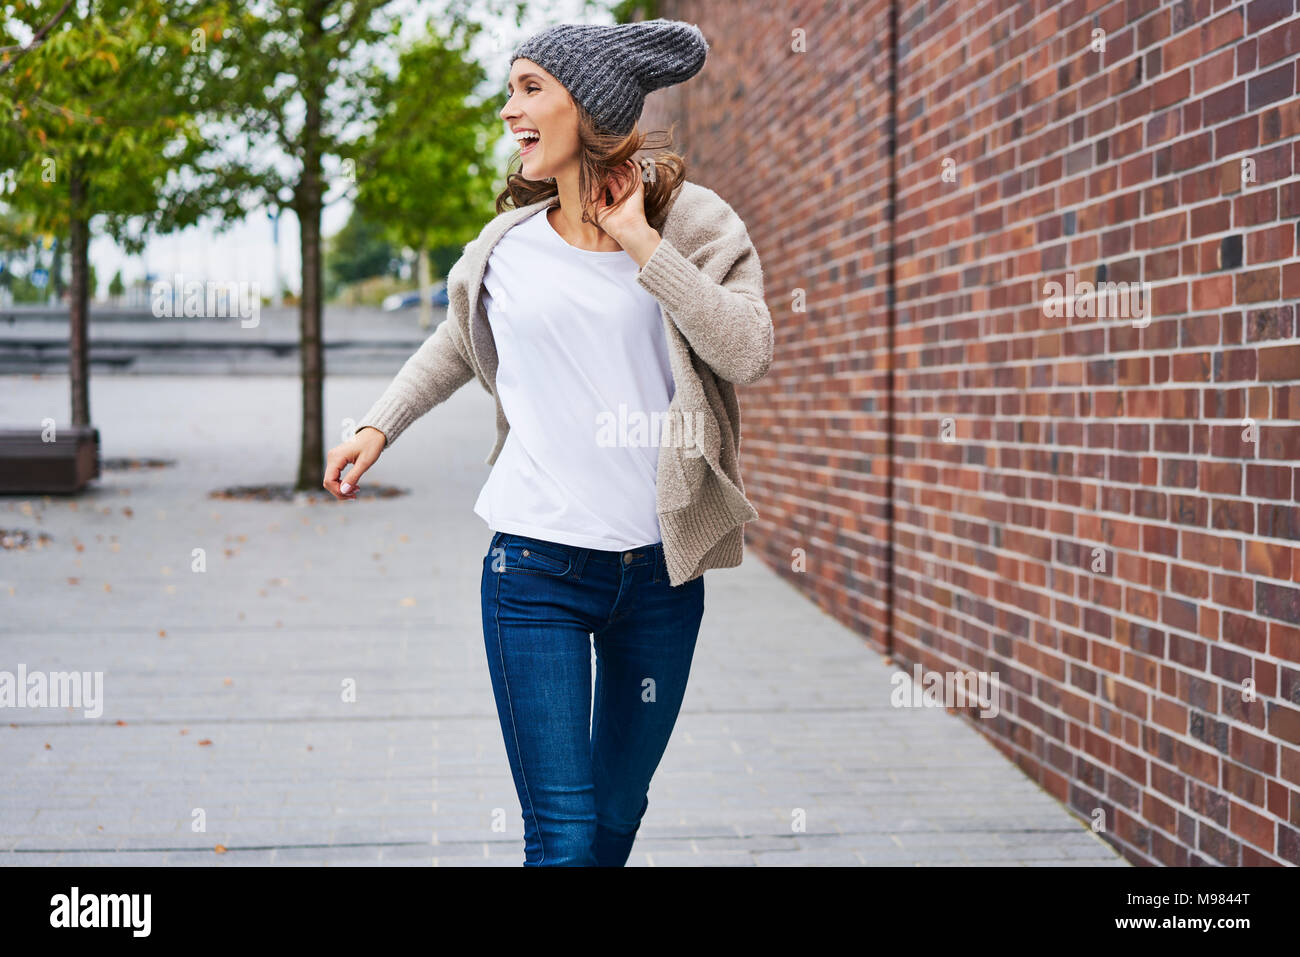 Mujer feliz corriendo en la calle Imagen De Stock